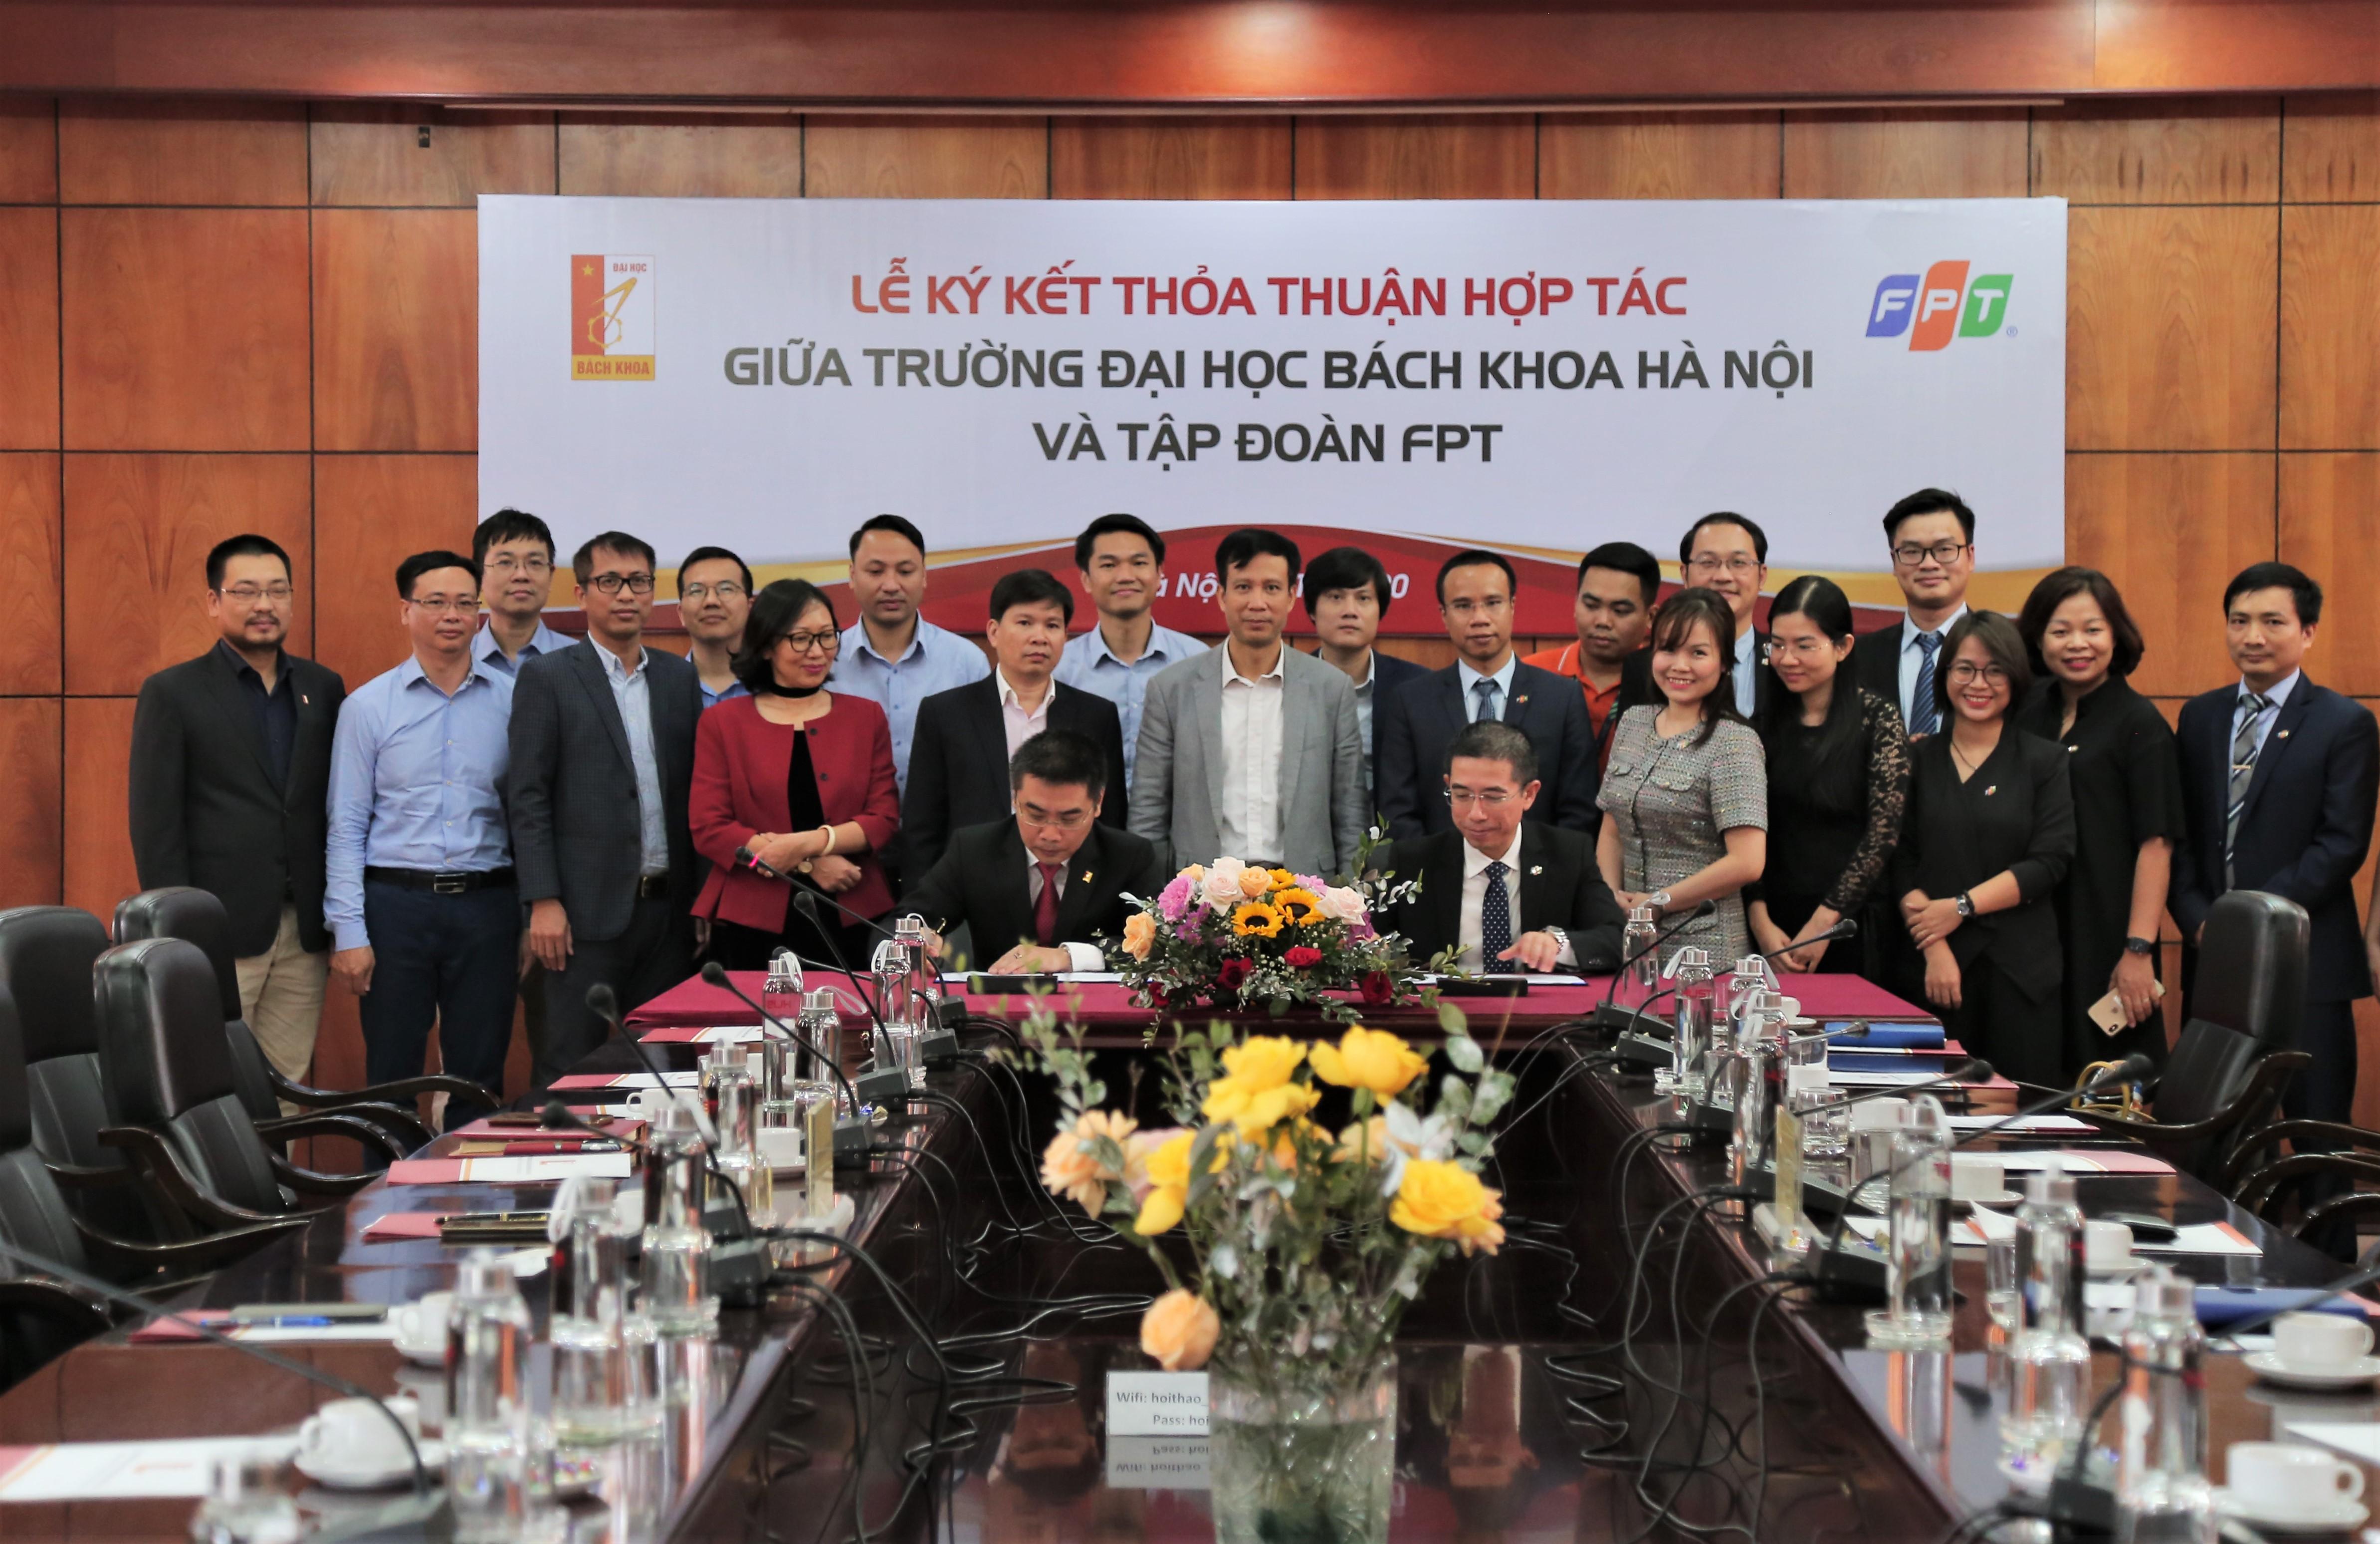 FPT hợp tác Đại học Bách khoa Hà Nội đào tạo và nghiên cứu công nghệ 4.0 - Ảnh 1.